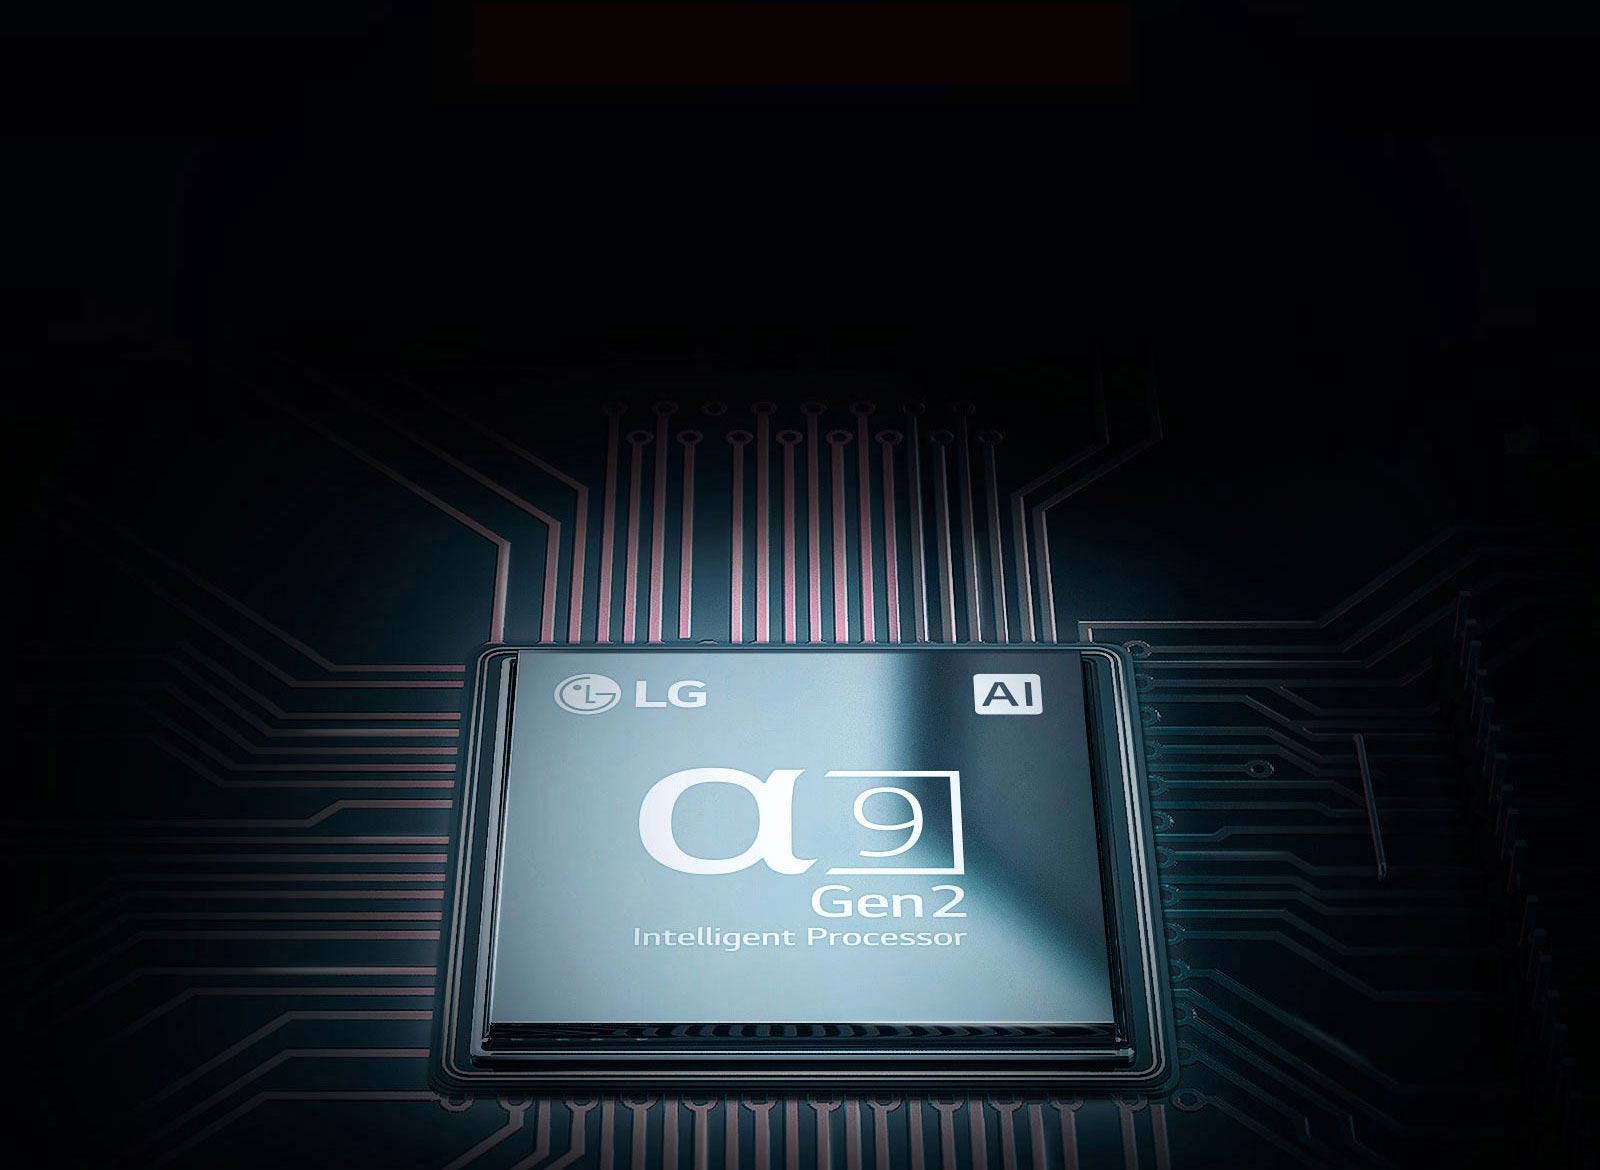 Procesor II generacji α9 ze sztuczną inteligencją 1